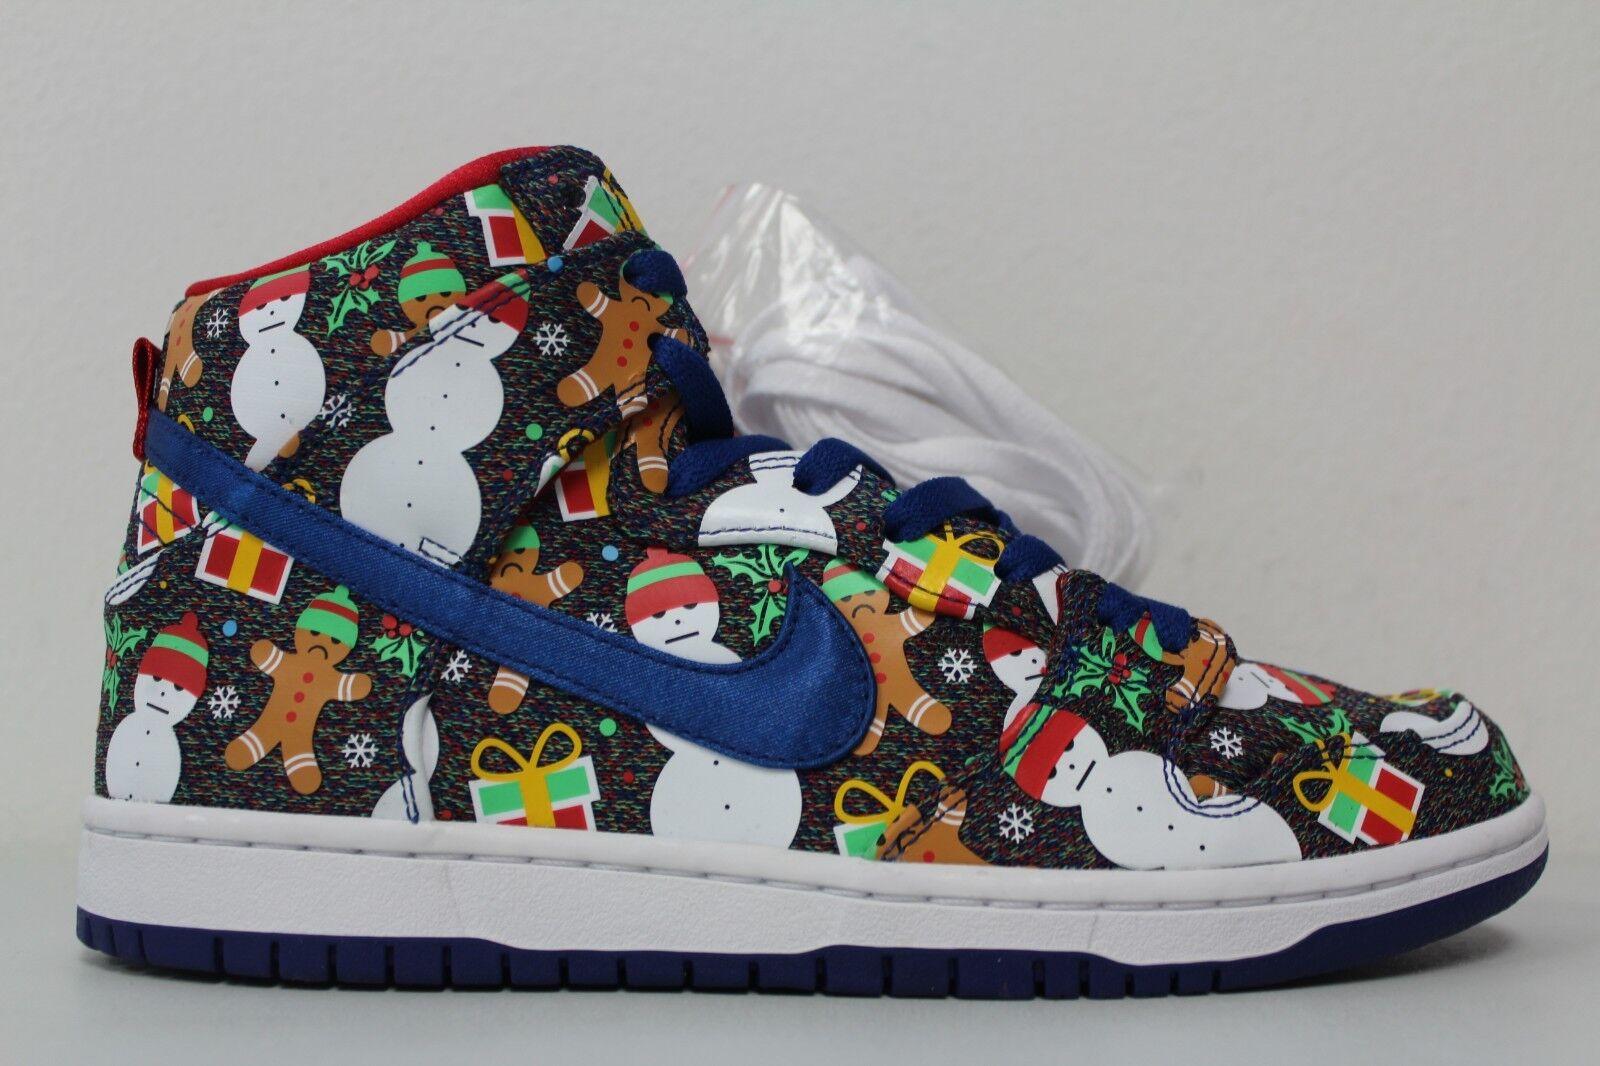 Nike Mens SB Dunk High TRD TRD TRD QS Ugly Sweater Christmas 881758 446 Size 8.5 d7b857